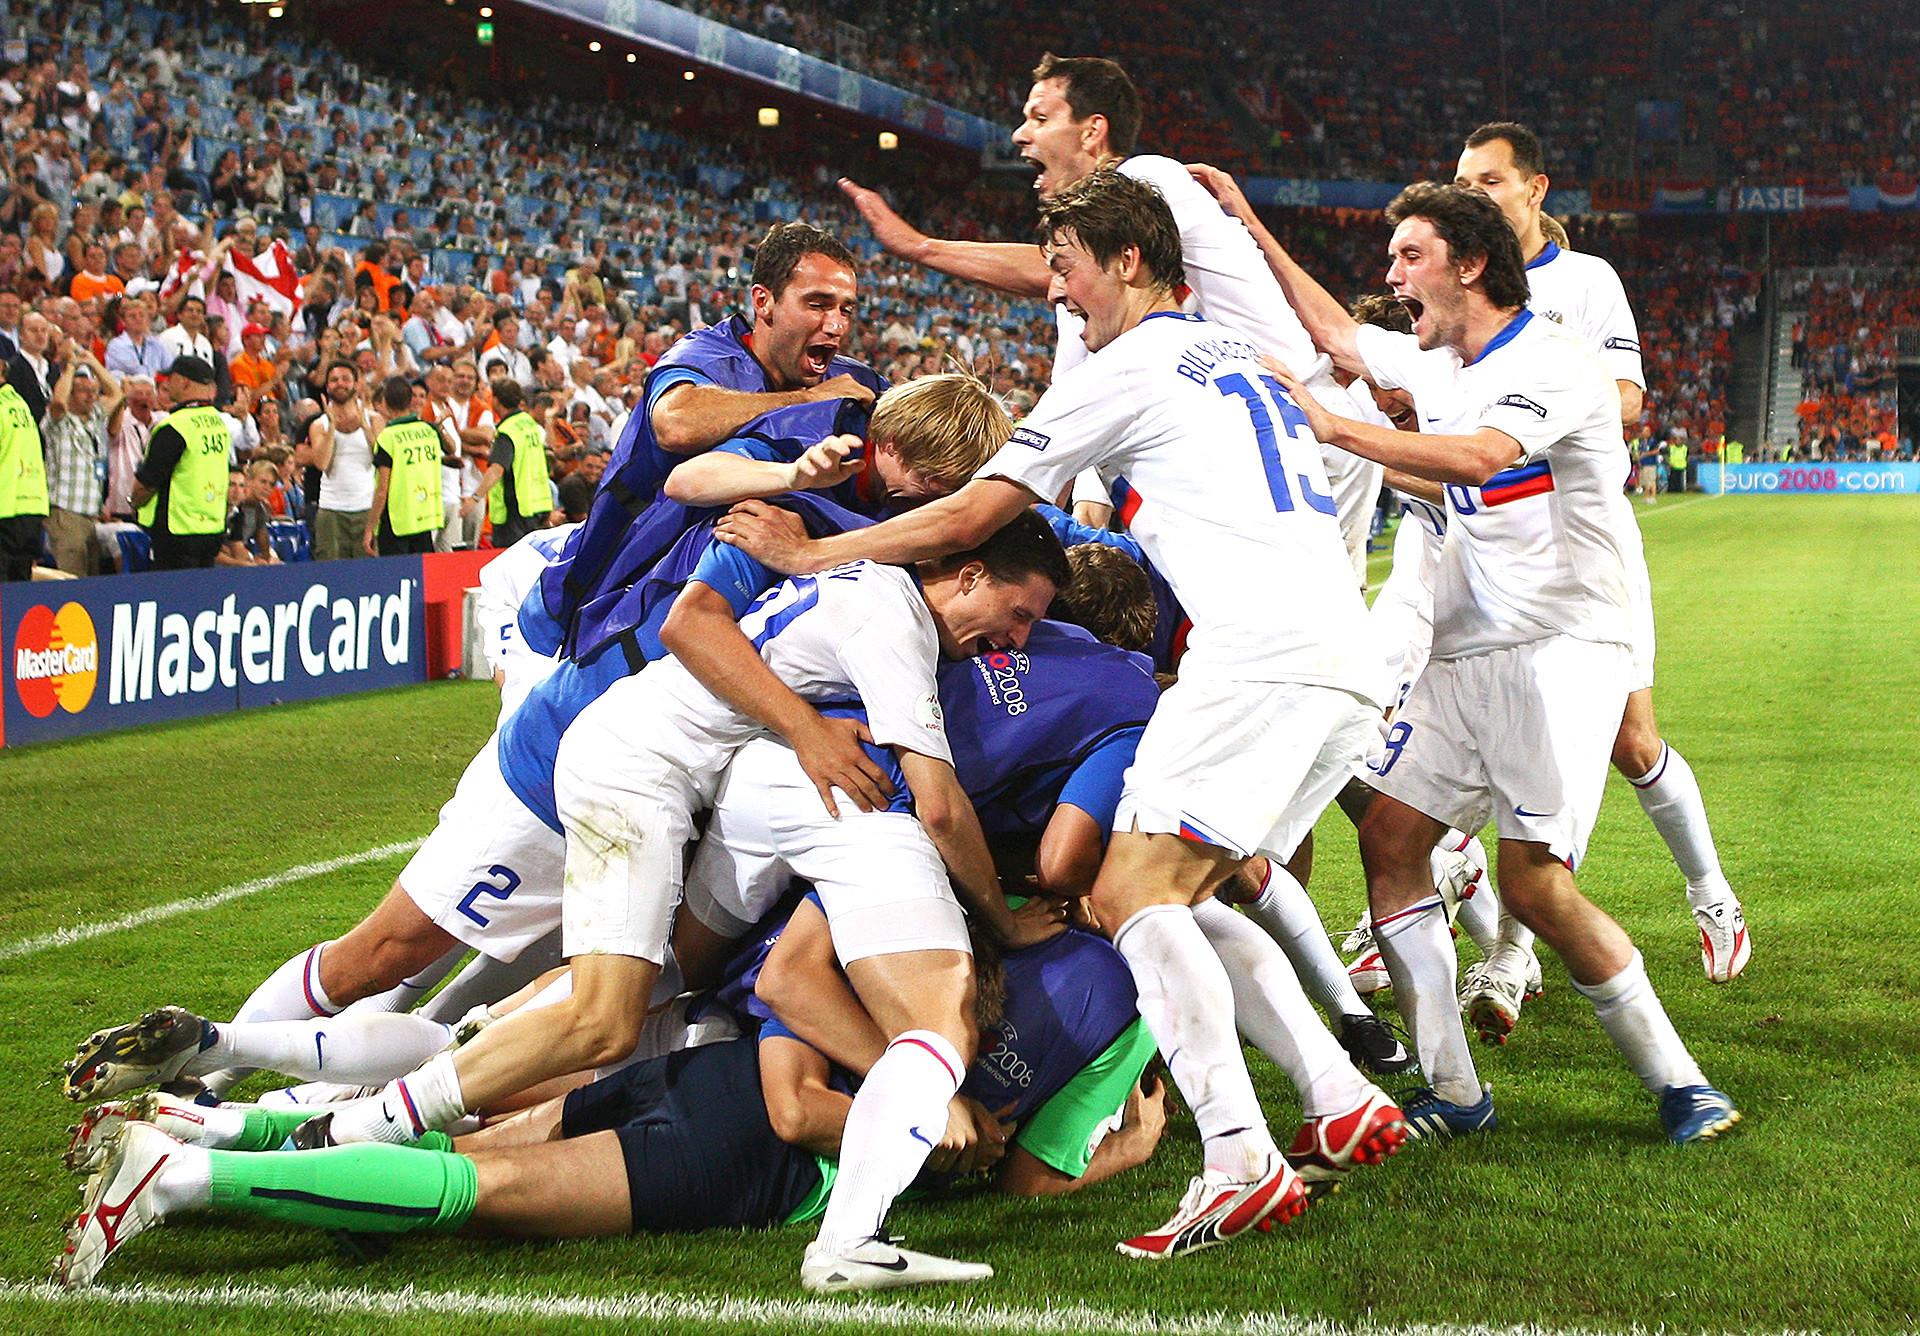 Утакмица против Холандије је била тренутак велике еуфорије. Нажалост, после тога руски фудбал ниједном није заблистао.